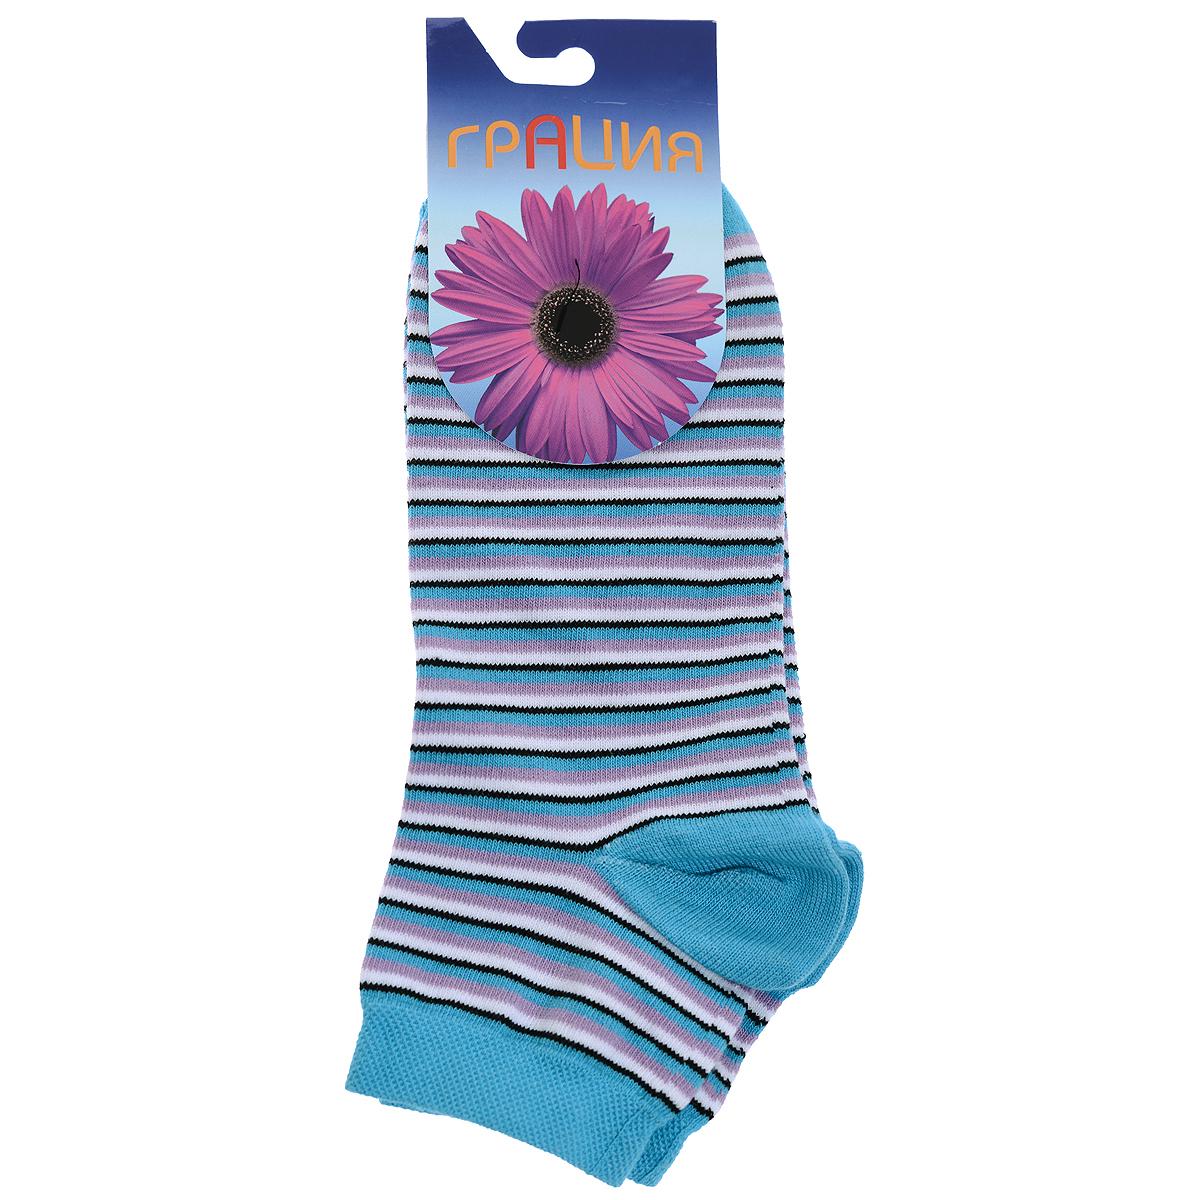 Носки женские Грация, цвет: голубой. М1088. Размер 35/37М1088Женские носки Грация, изготовленные из высококачественного сырья, идеально подойдут для вас. Комфортная резинка не сдавливает ногу.Носки всесезонные с укороченным паголенком.